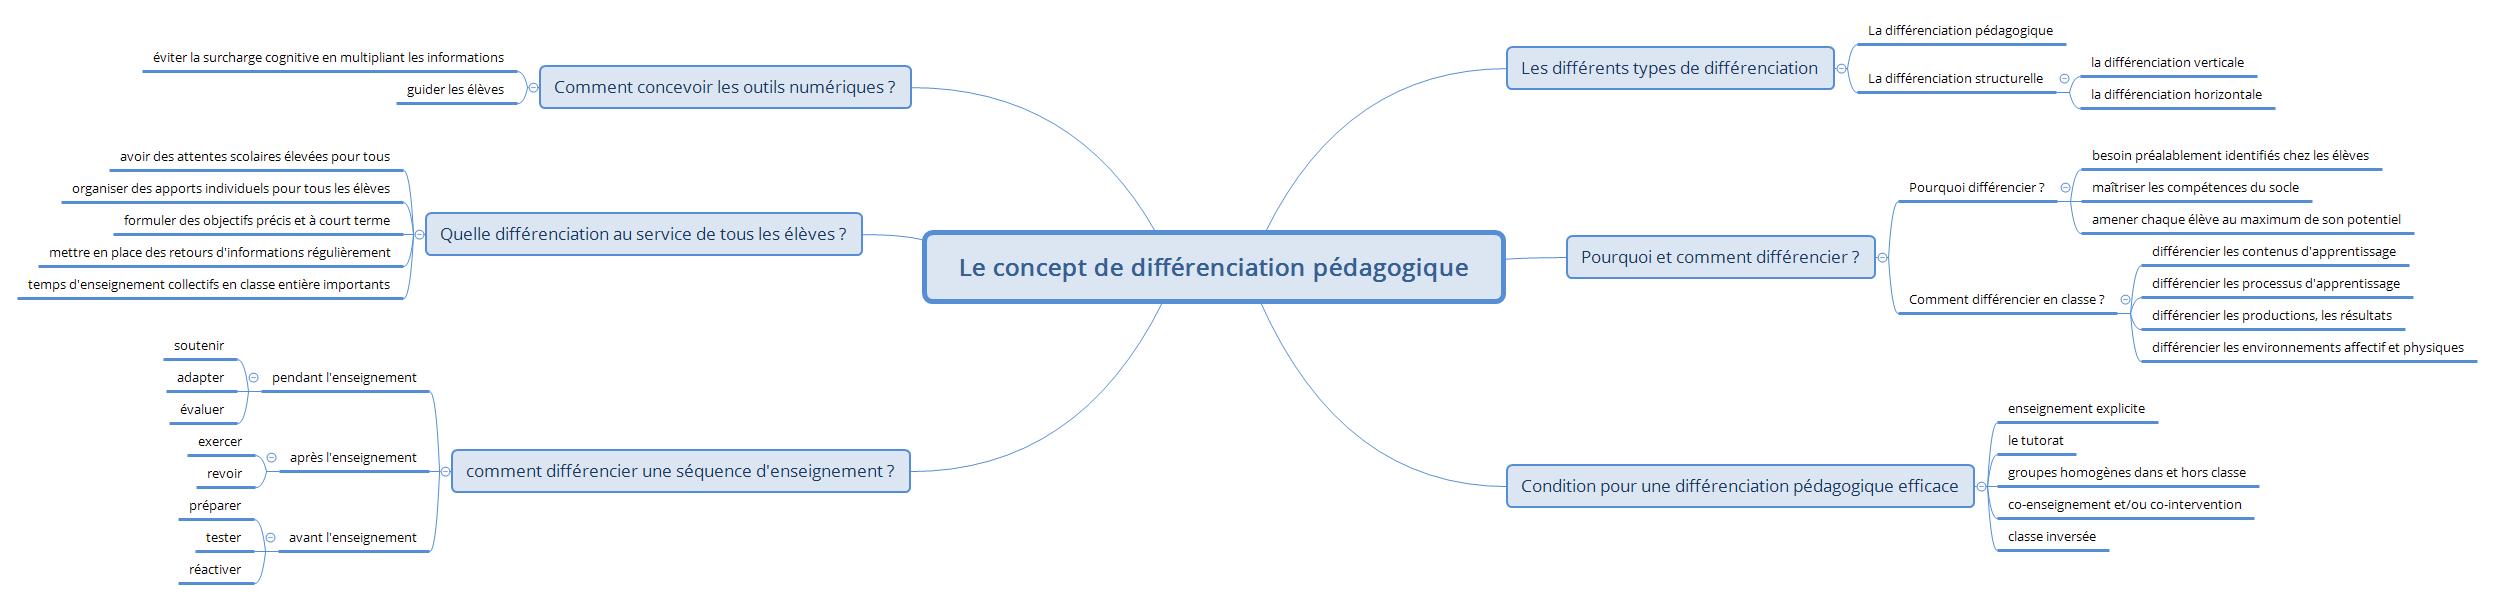 Le concept de différenciation pédagogique